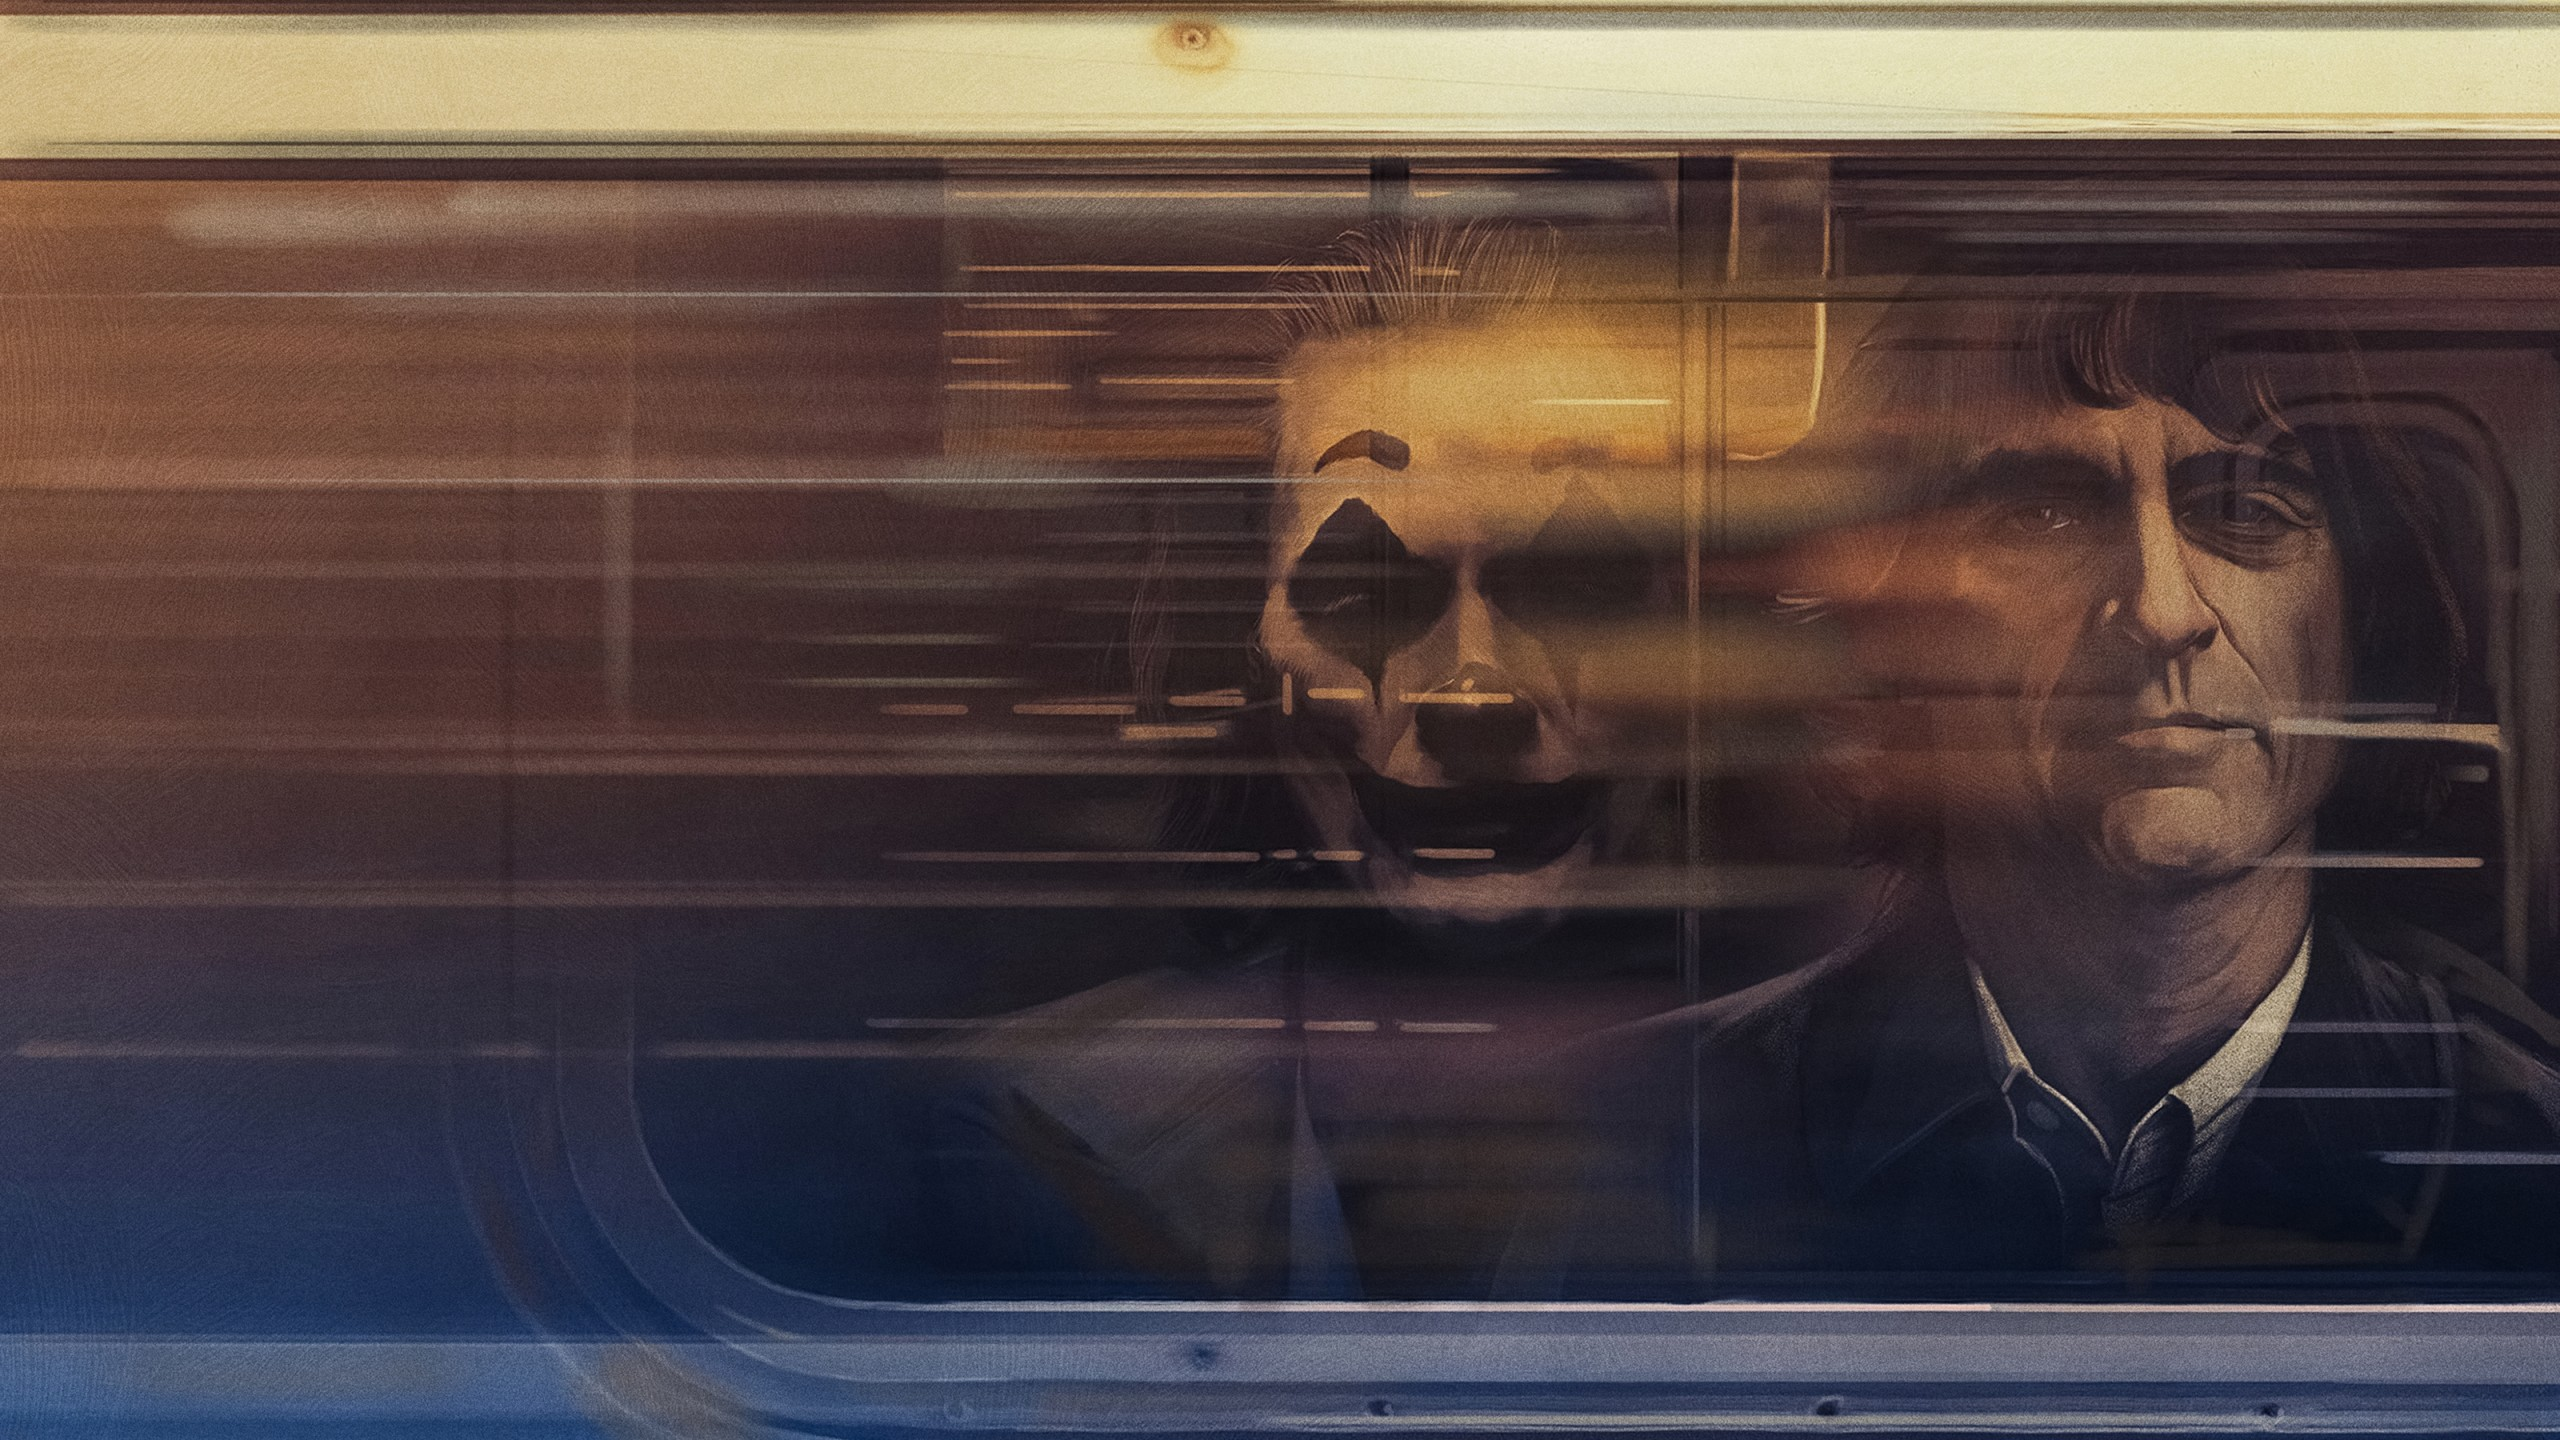 Fondos de pantalla Joaquin Phoenix como Guasón Fanart realista